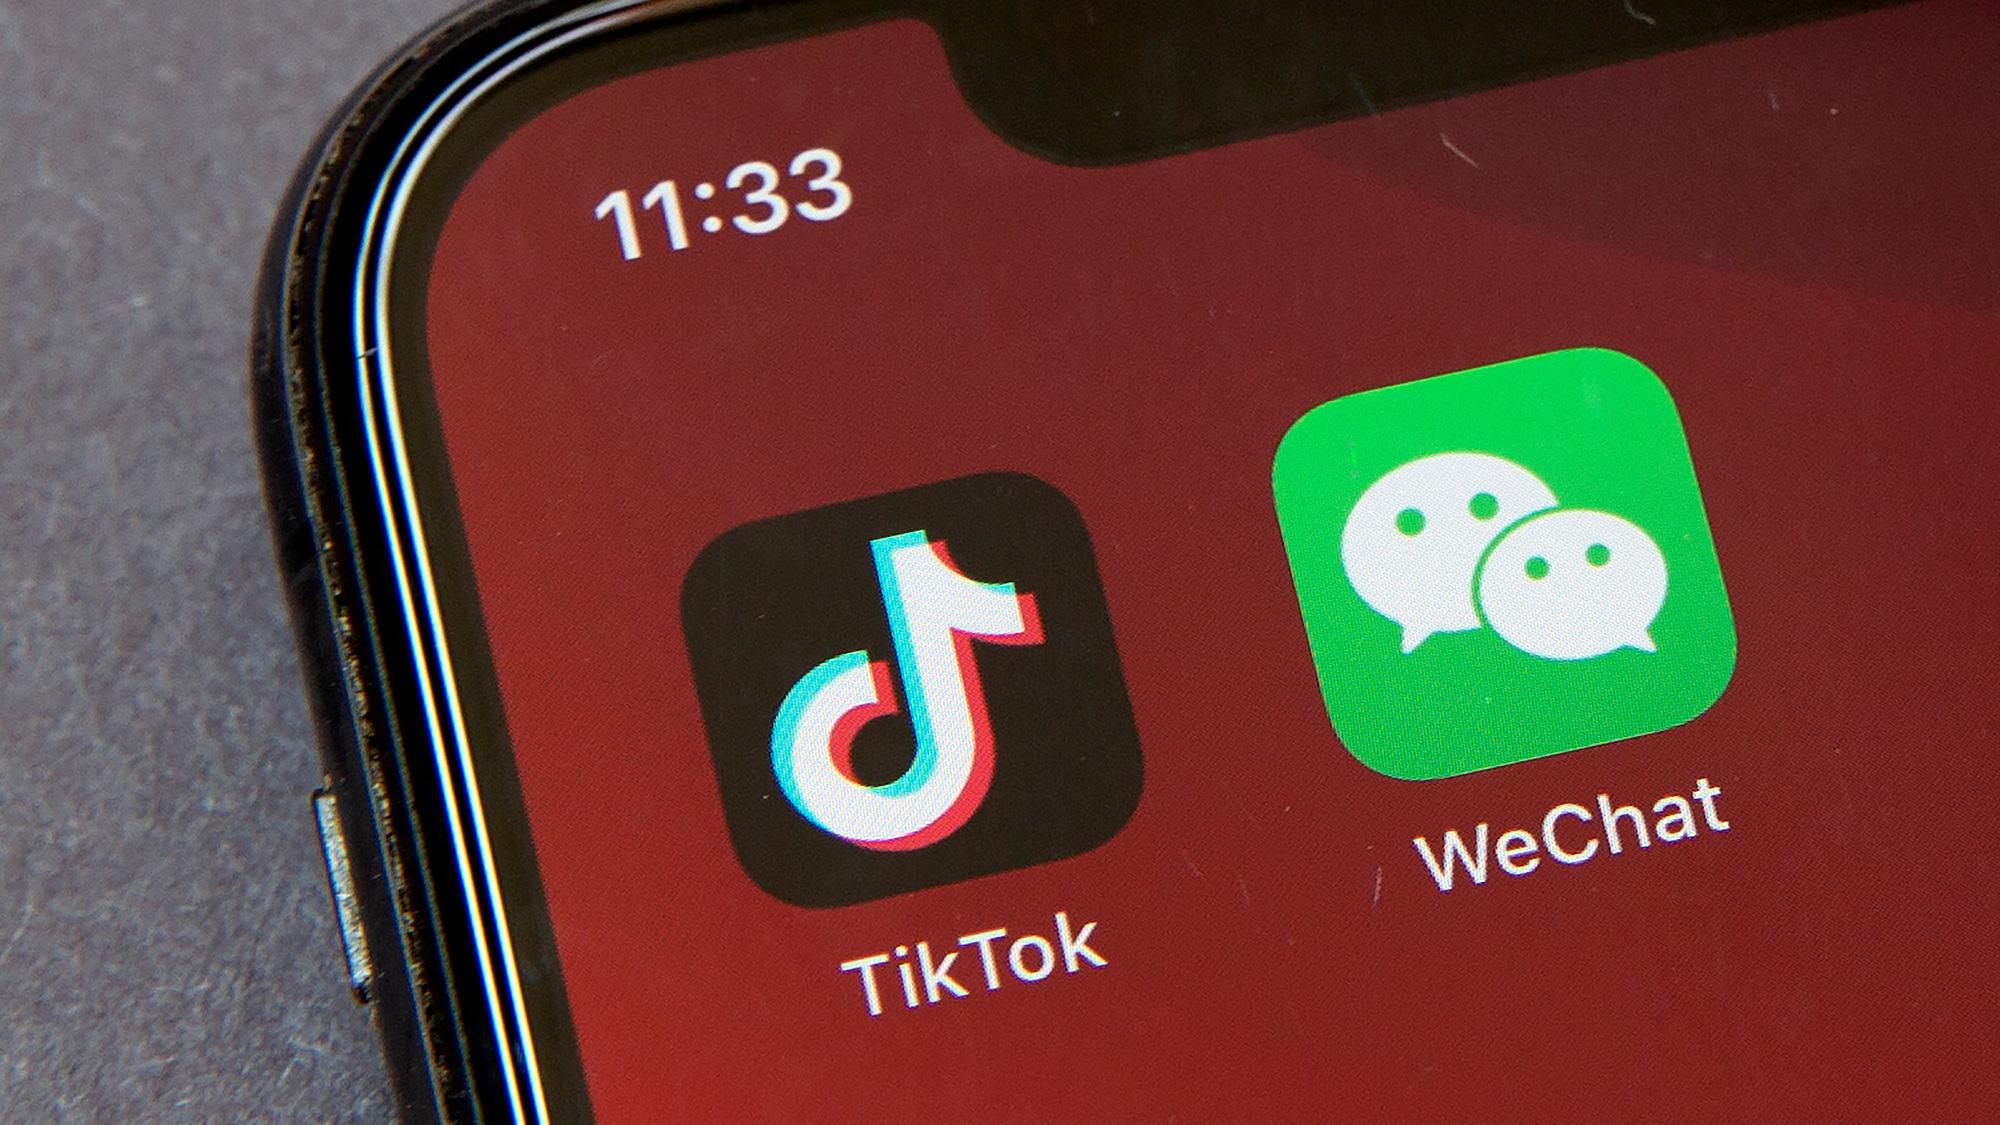 """WeChat đã """"chết hẳn"""" ở Mỹ nhưng TikTok sẽ """"hồi sinh"""" nếu làm Trump hài lòng - Ảnh 1."""